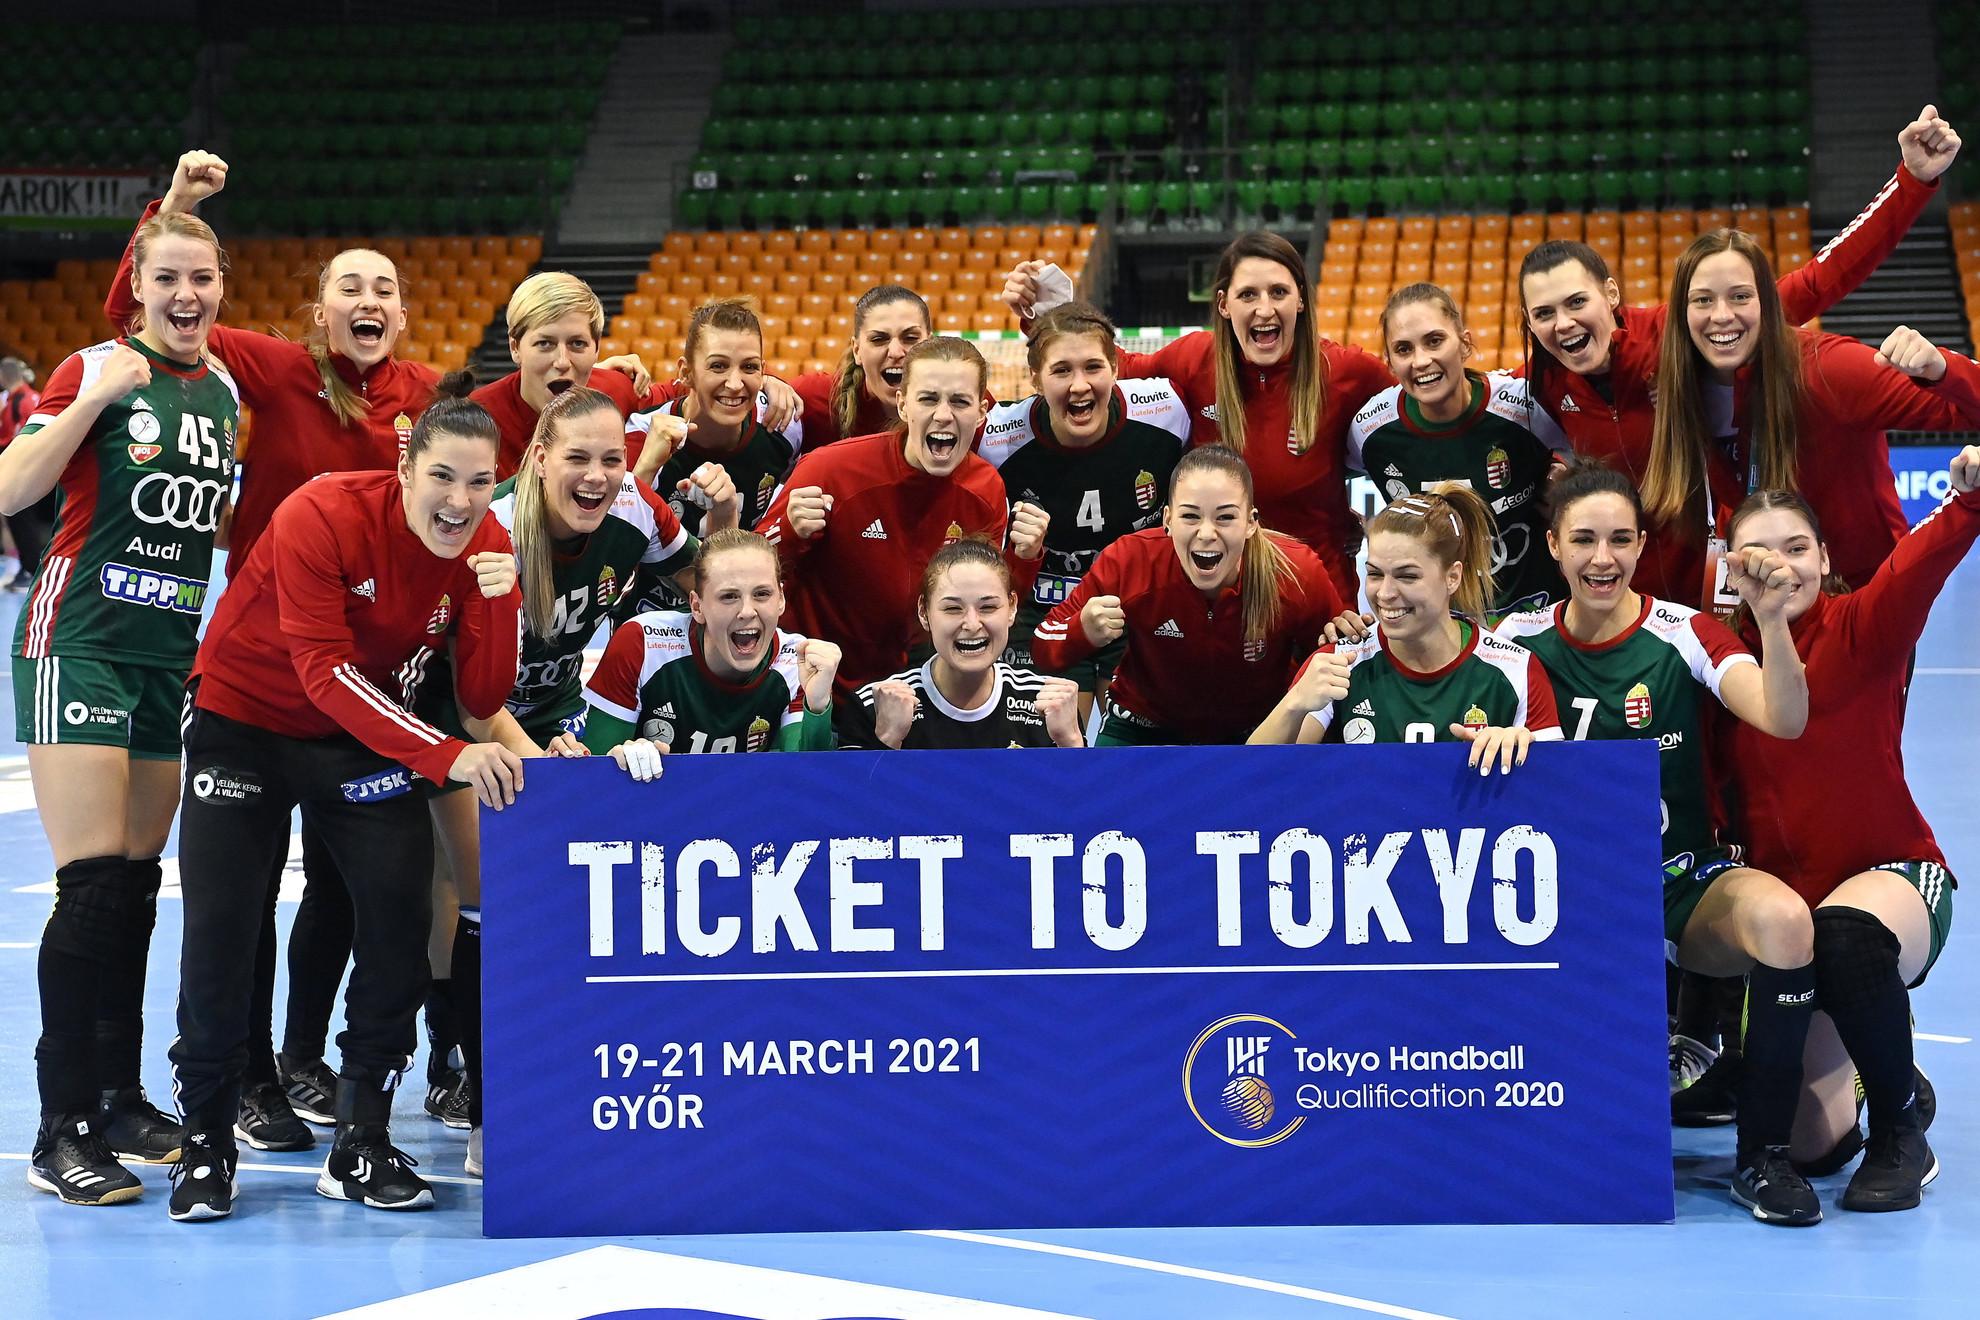 A meccs után a vereség ellenére is ünnepelt a csapat, hiszen a nagy célt sikerült elérni: Magyarország ott lesz a tokiói olimpián